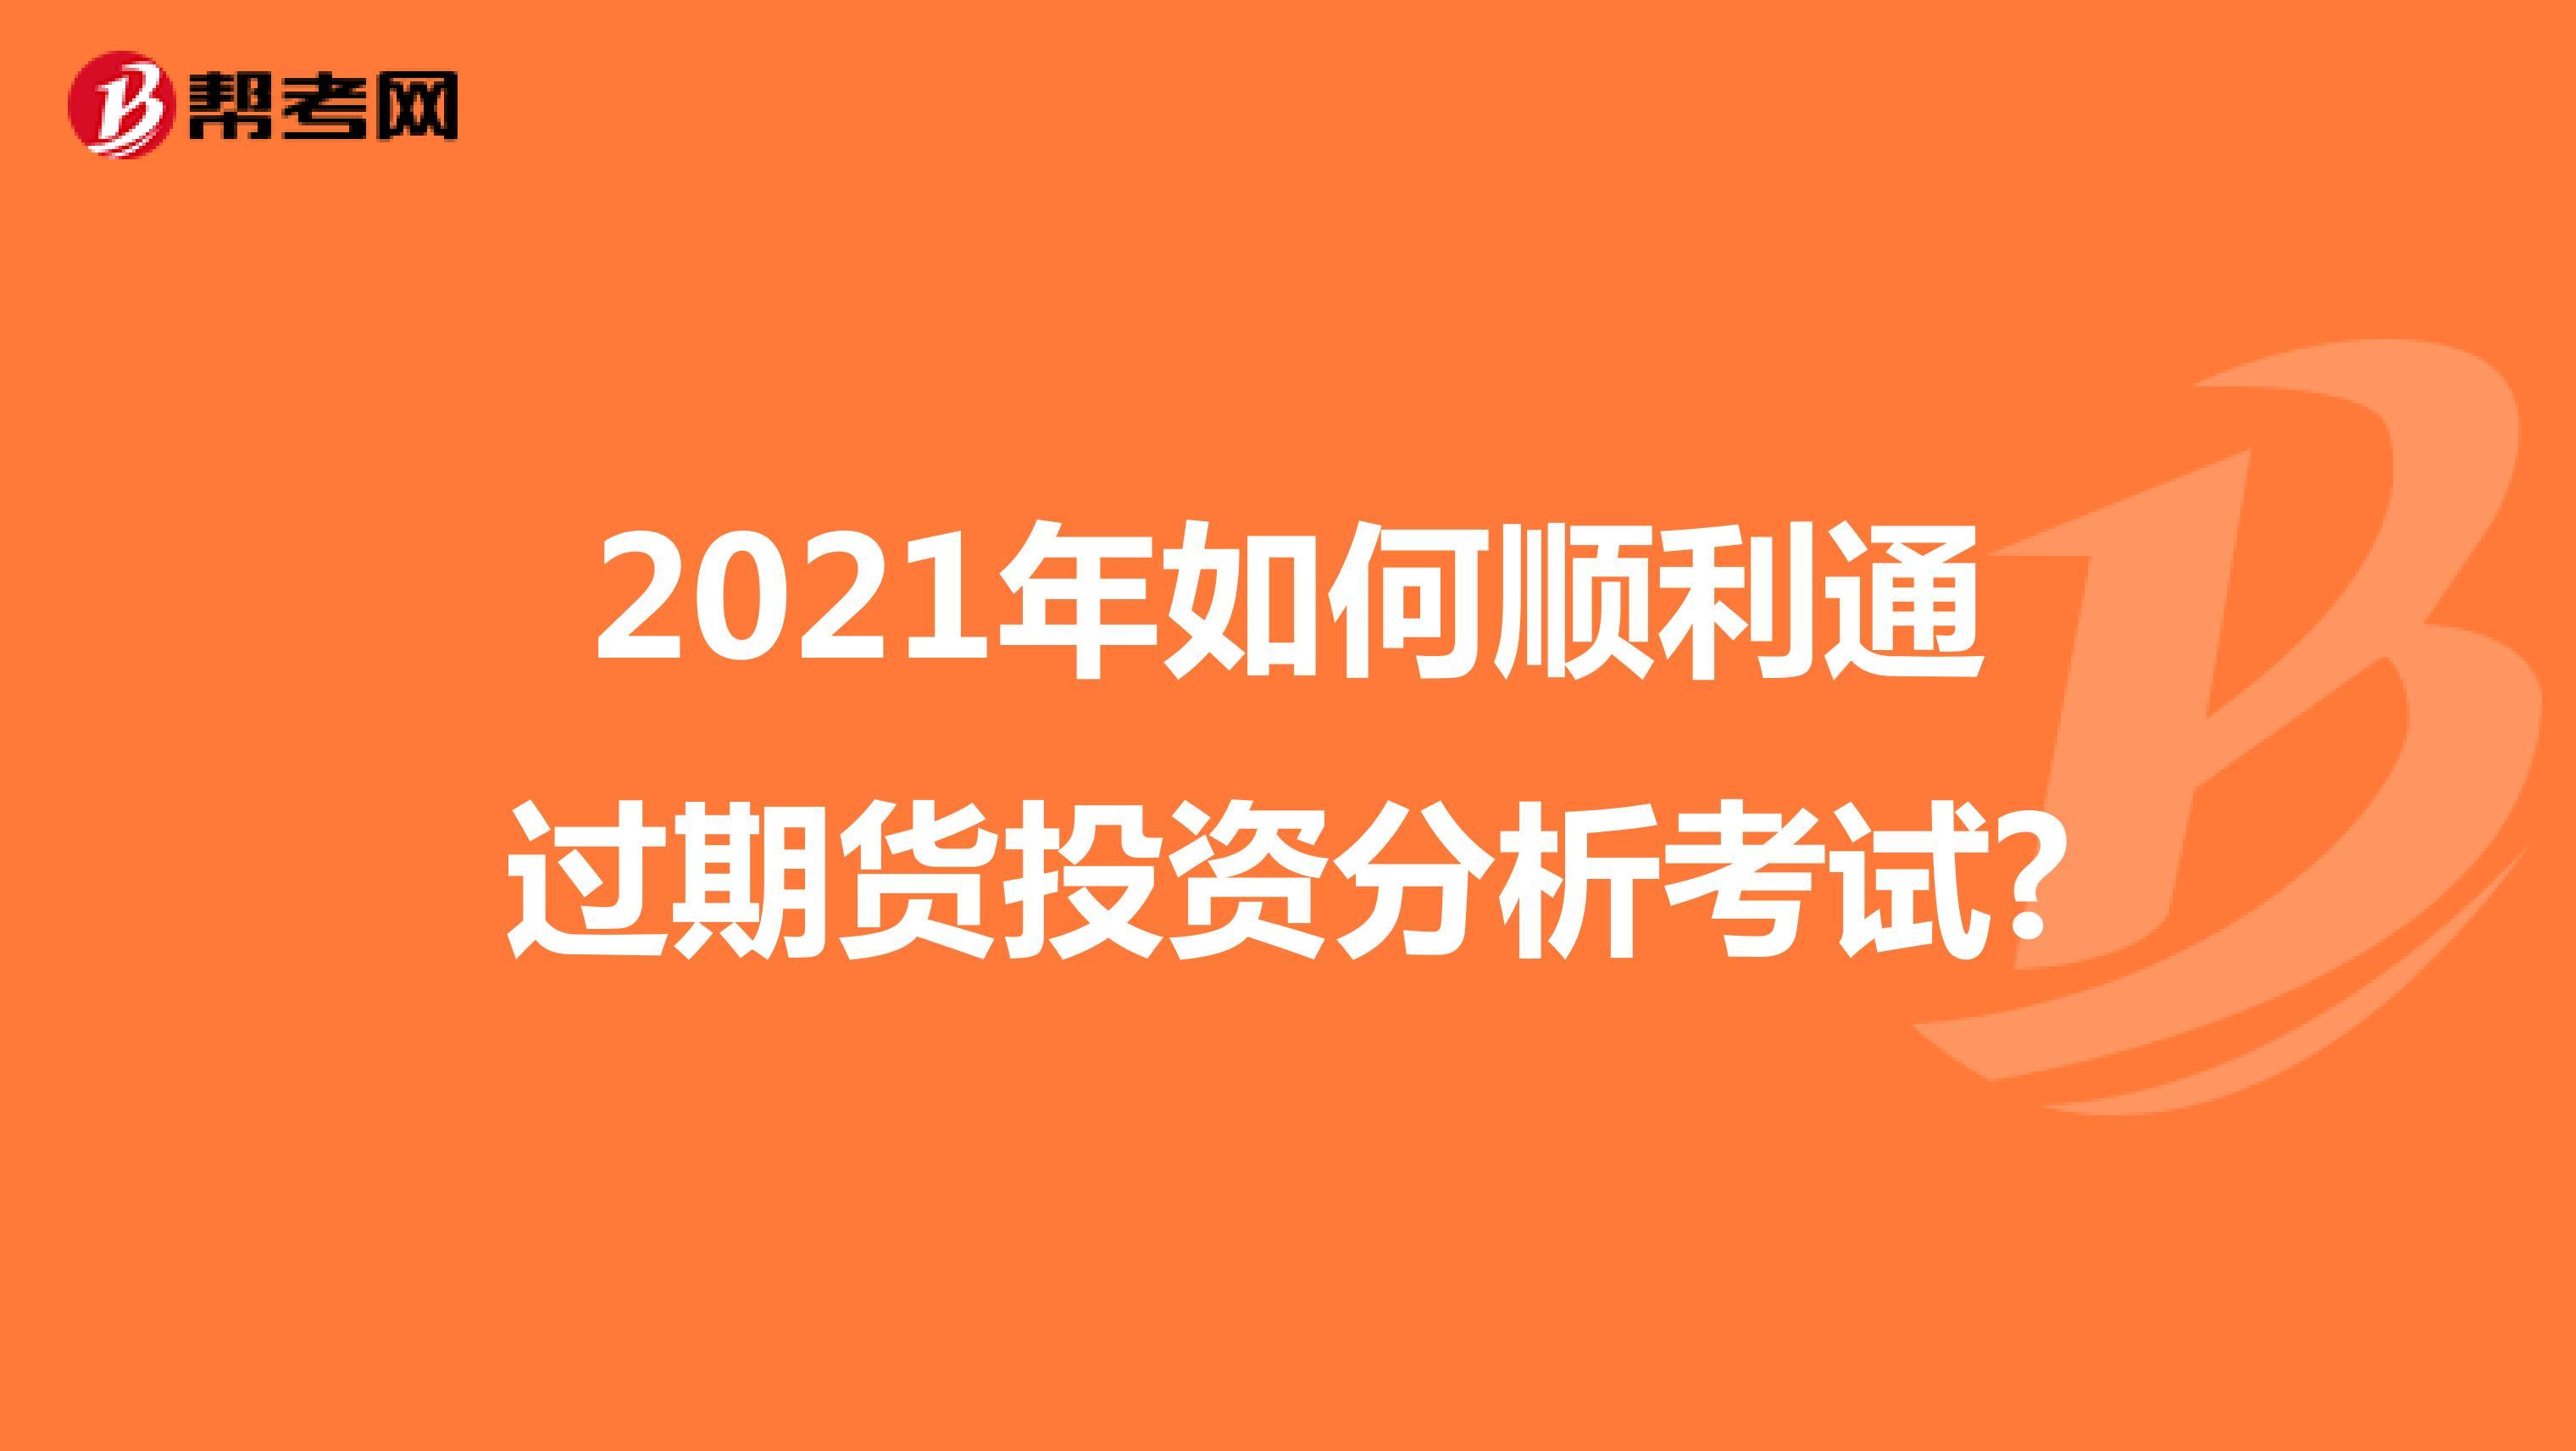 2021年如何顺利通过期货投资分析考试?